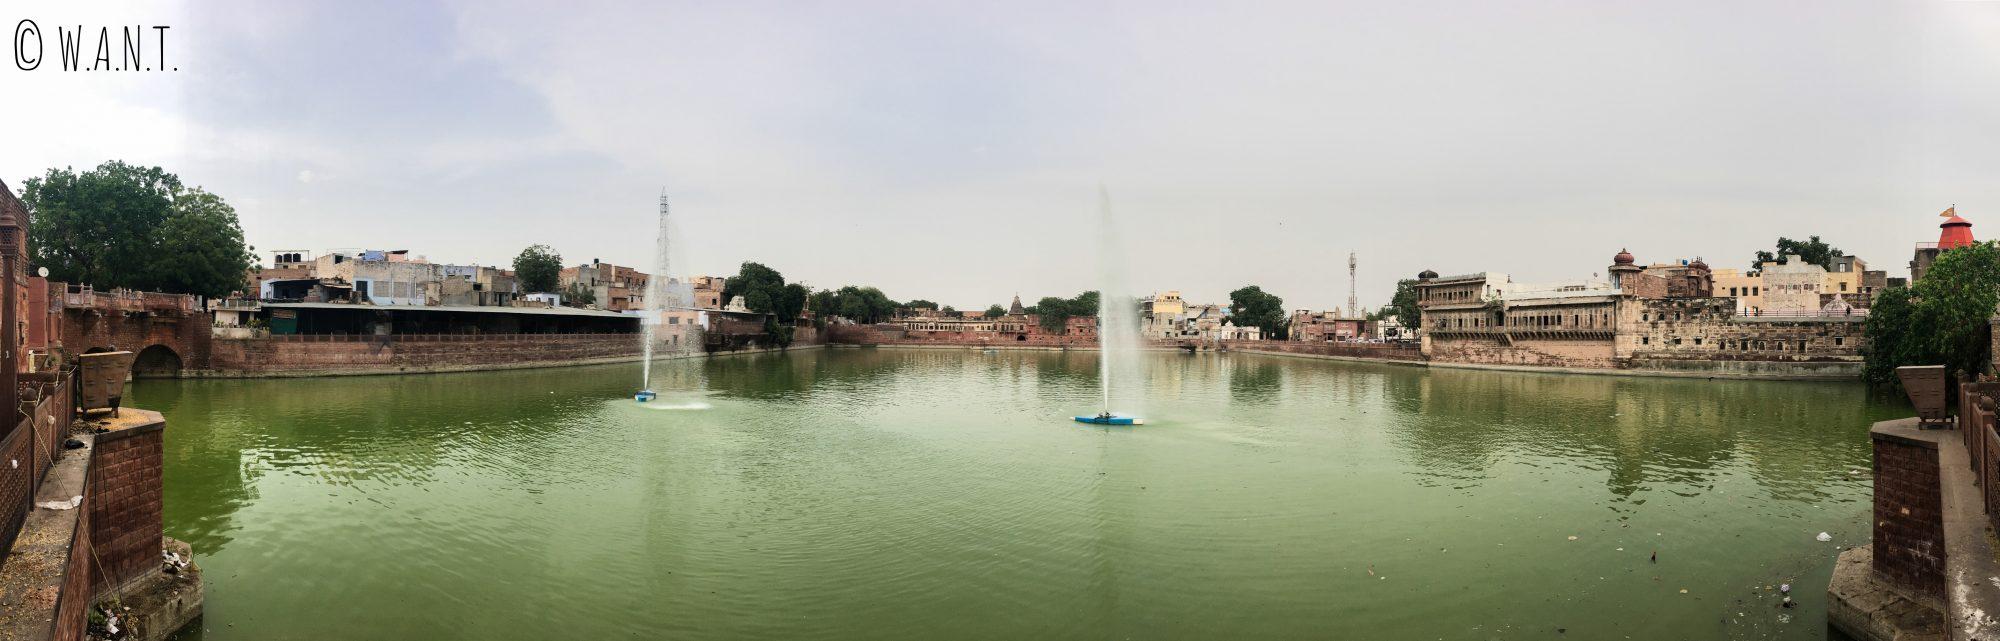 Panorama du réservoir d'eau Gulab Sagar Talab dans la vieille ville de Jodhpur